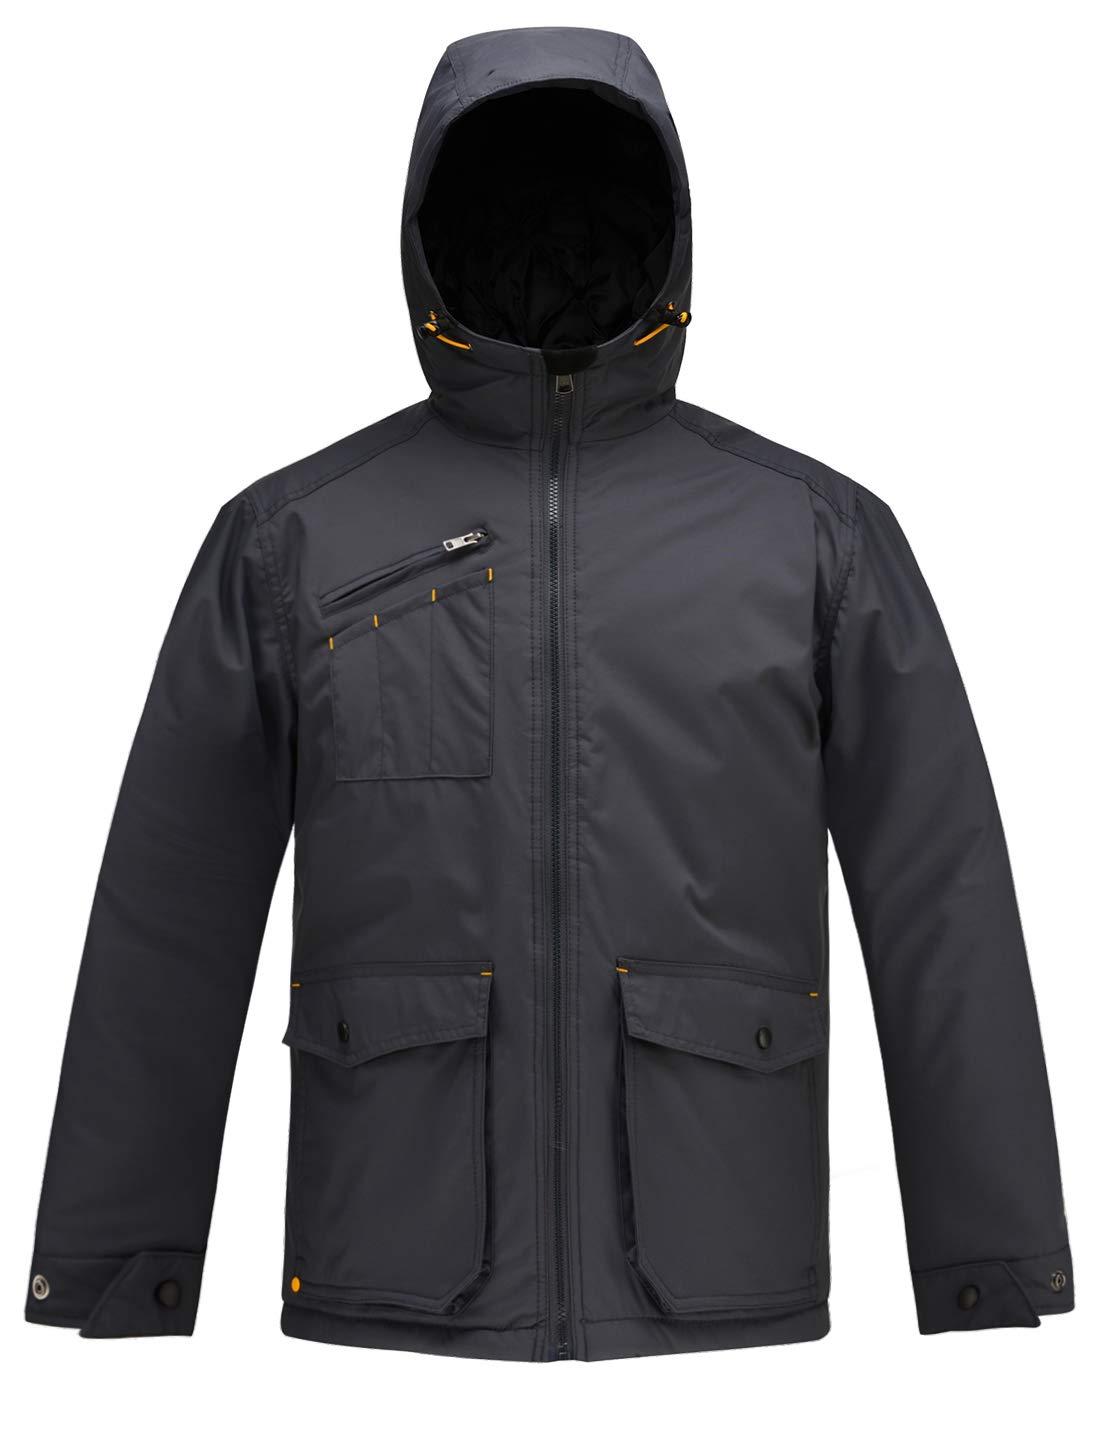 HARD LAND Mens Winter Jackets Waterproof